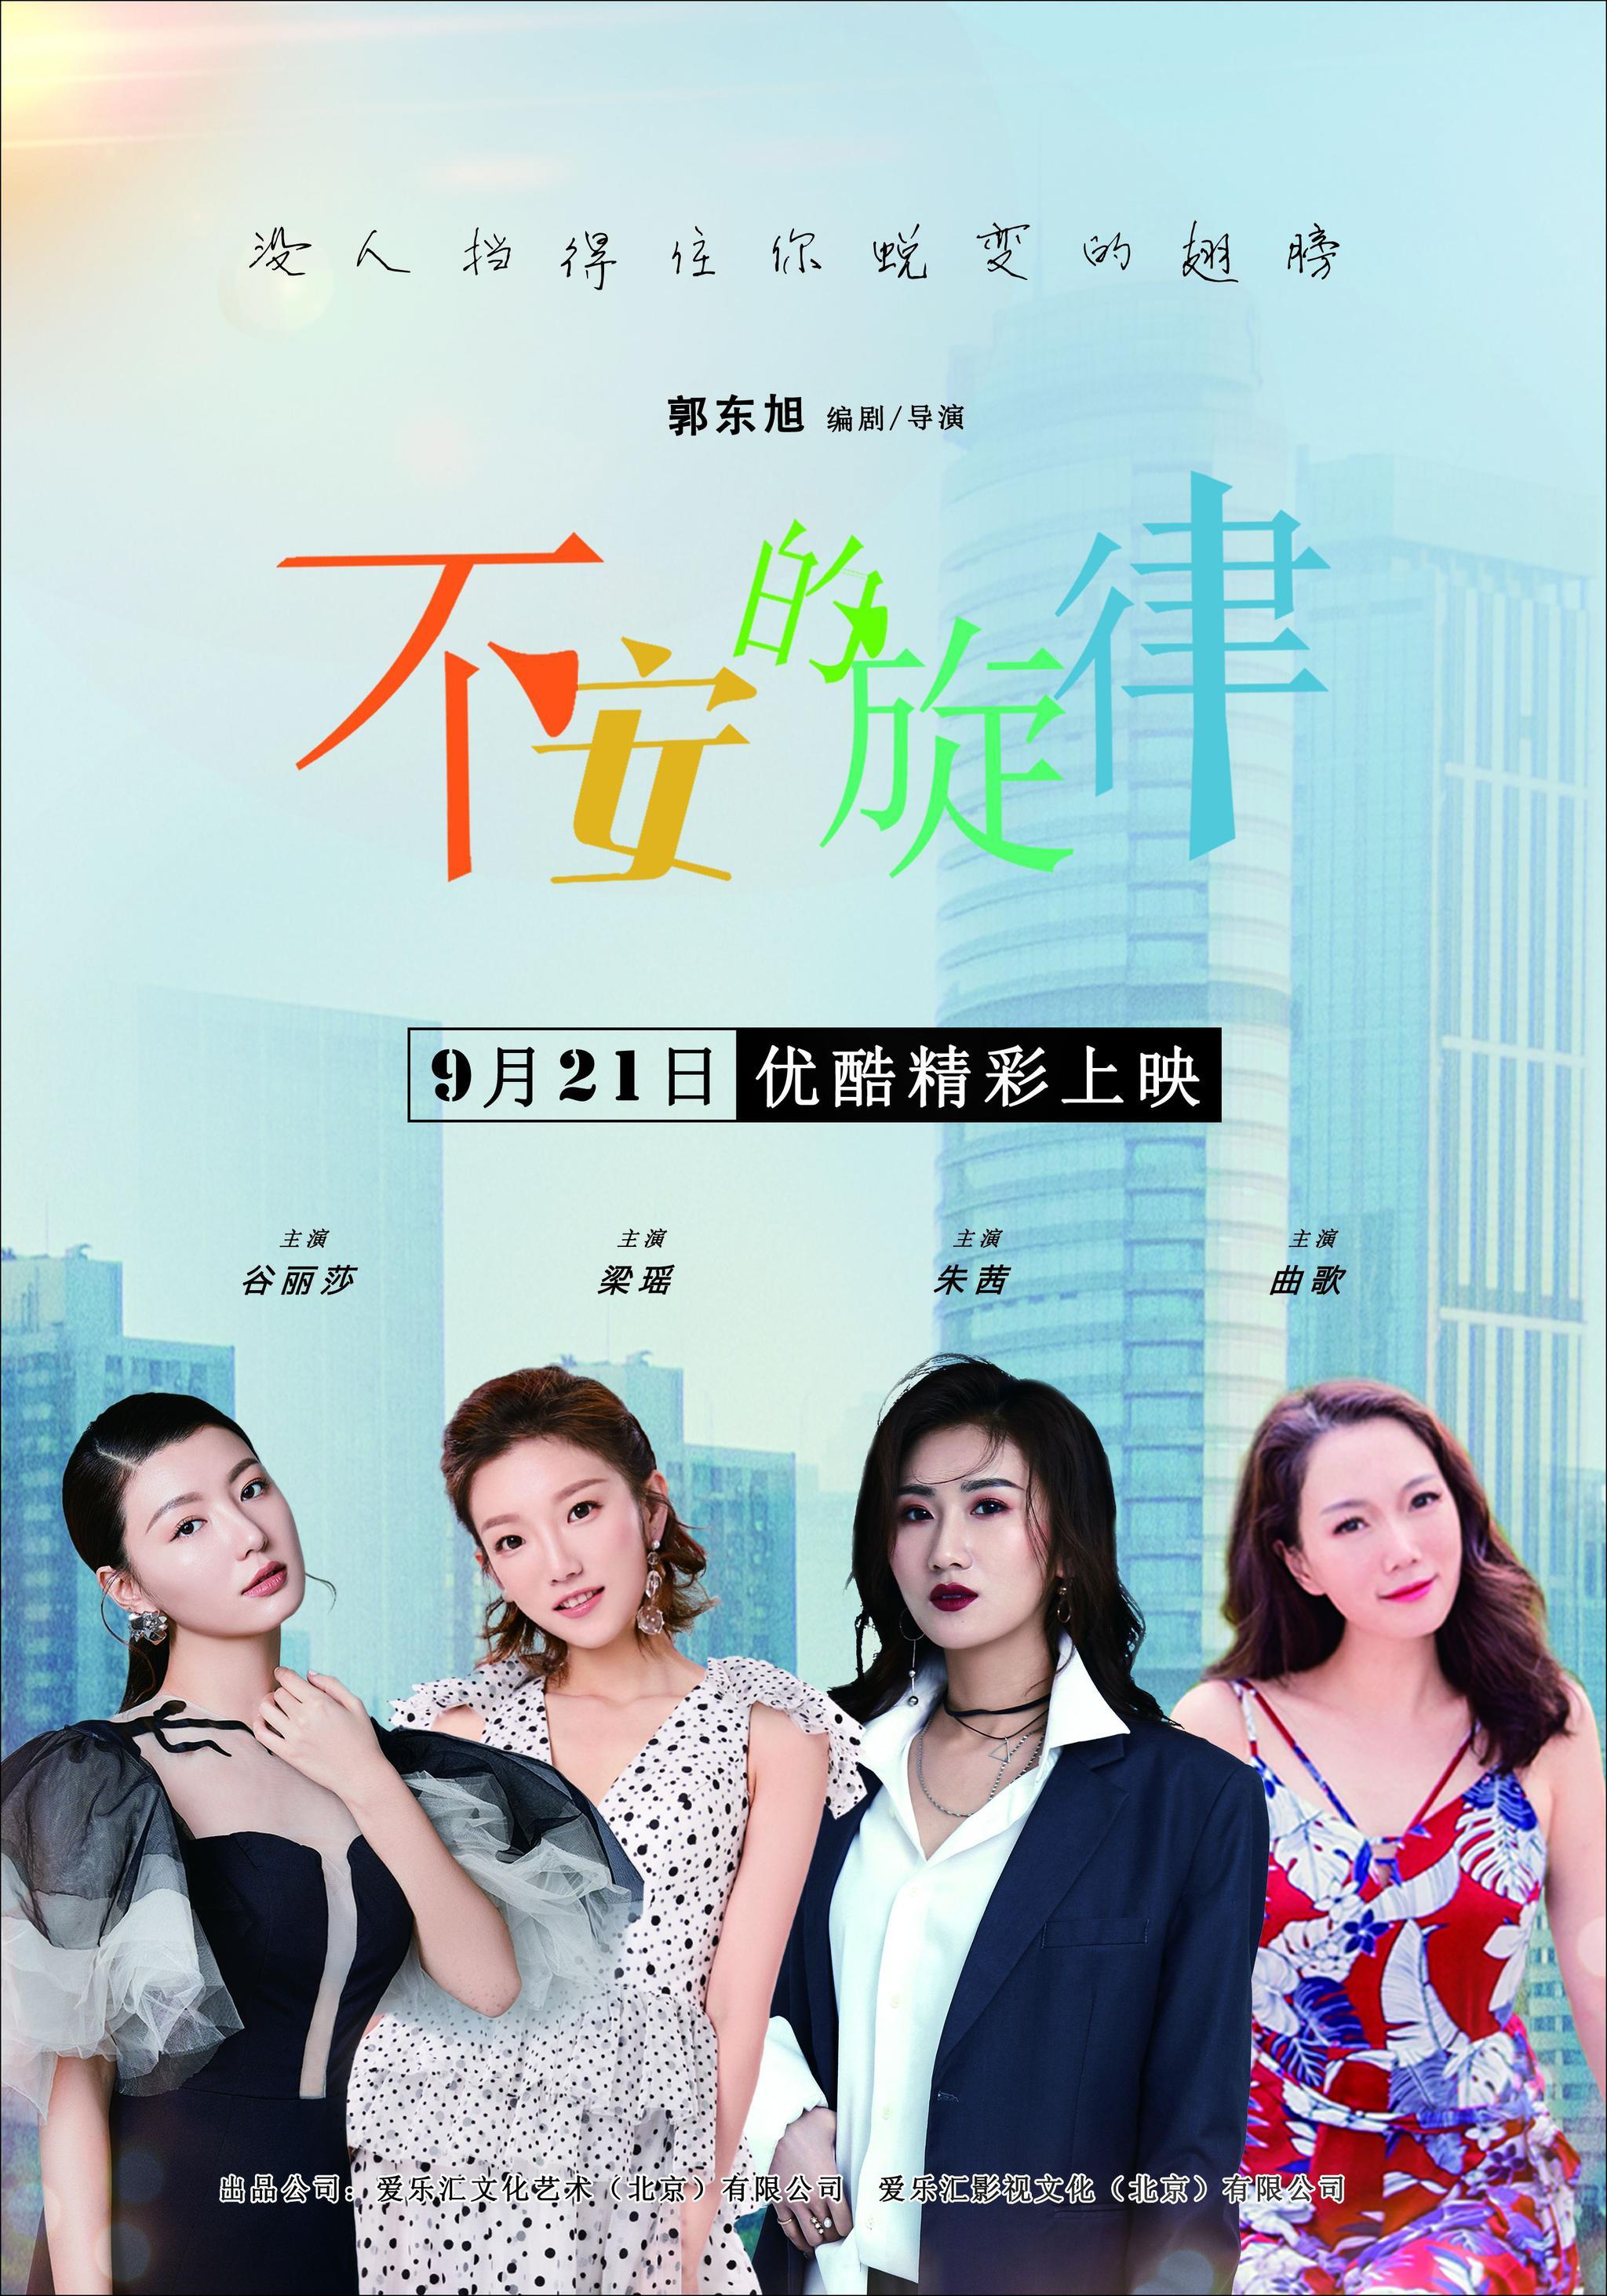 """《不安的旋律》优酷首映,讲述""""京城四美""""拼搏与情感图片"""